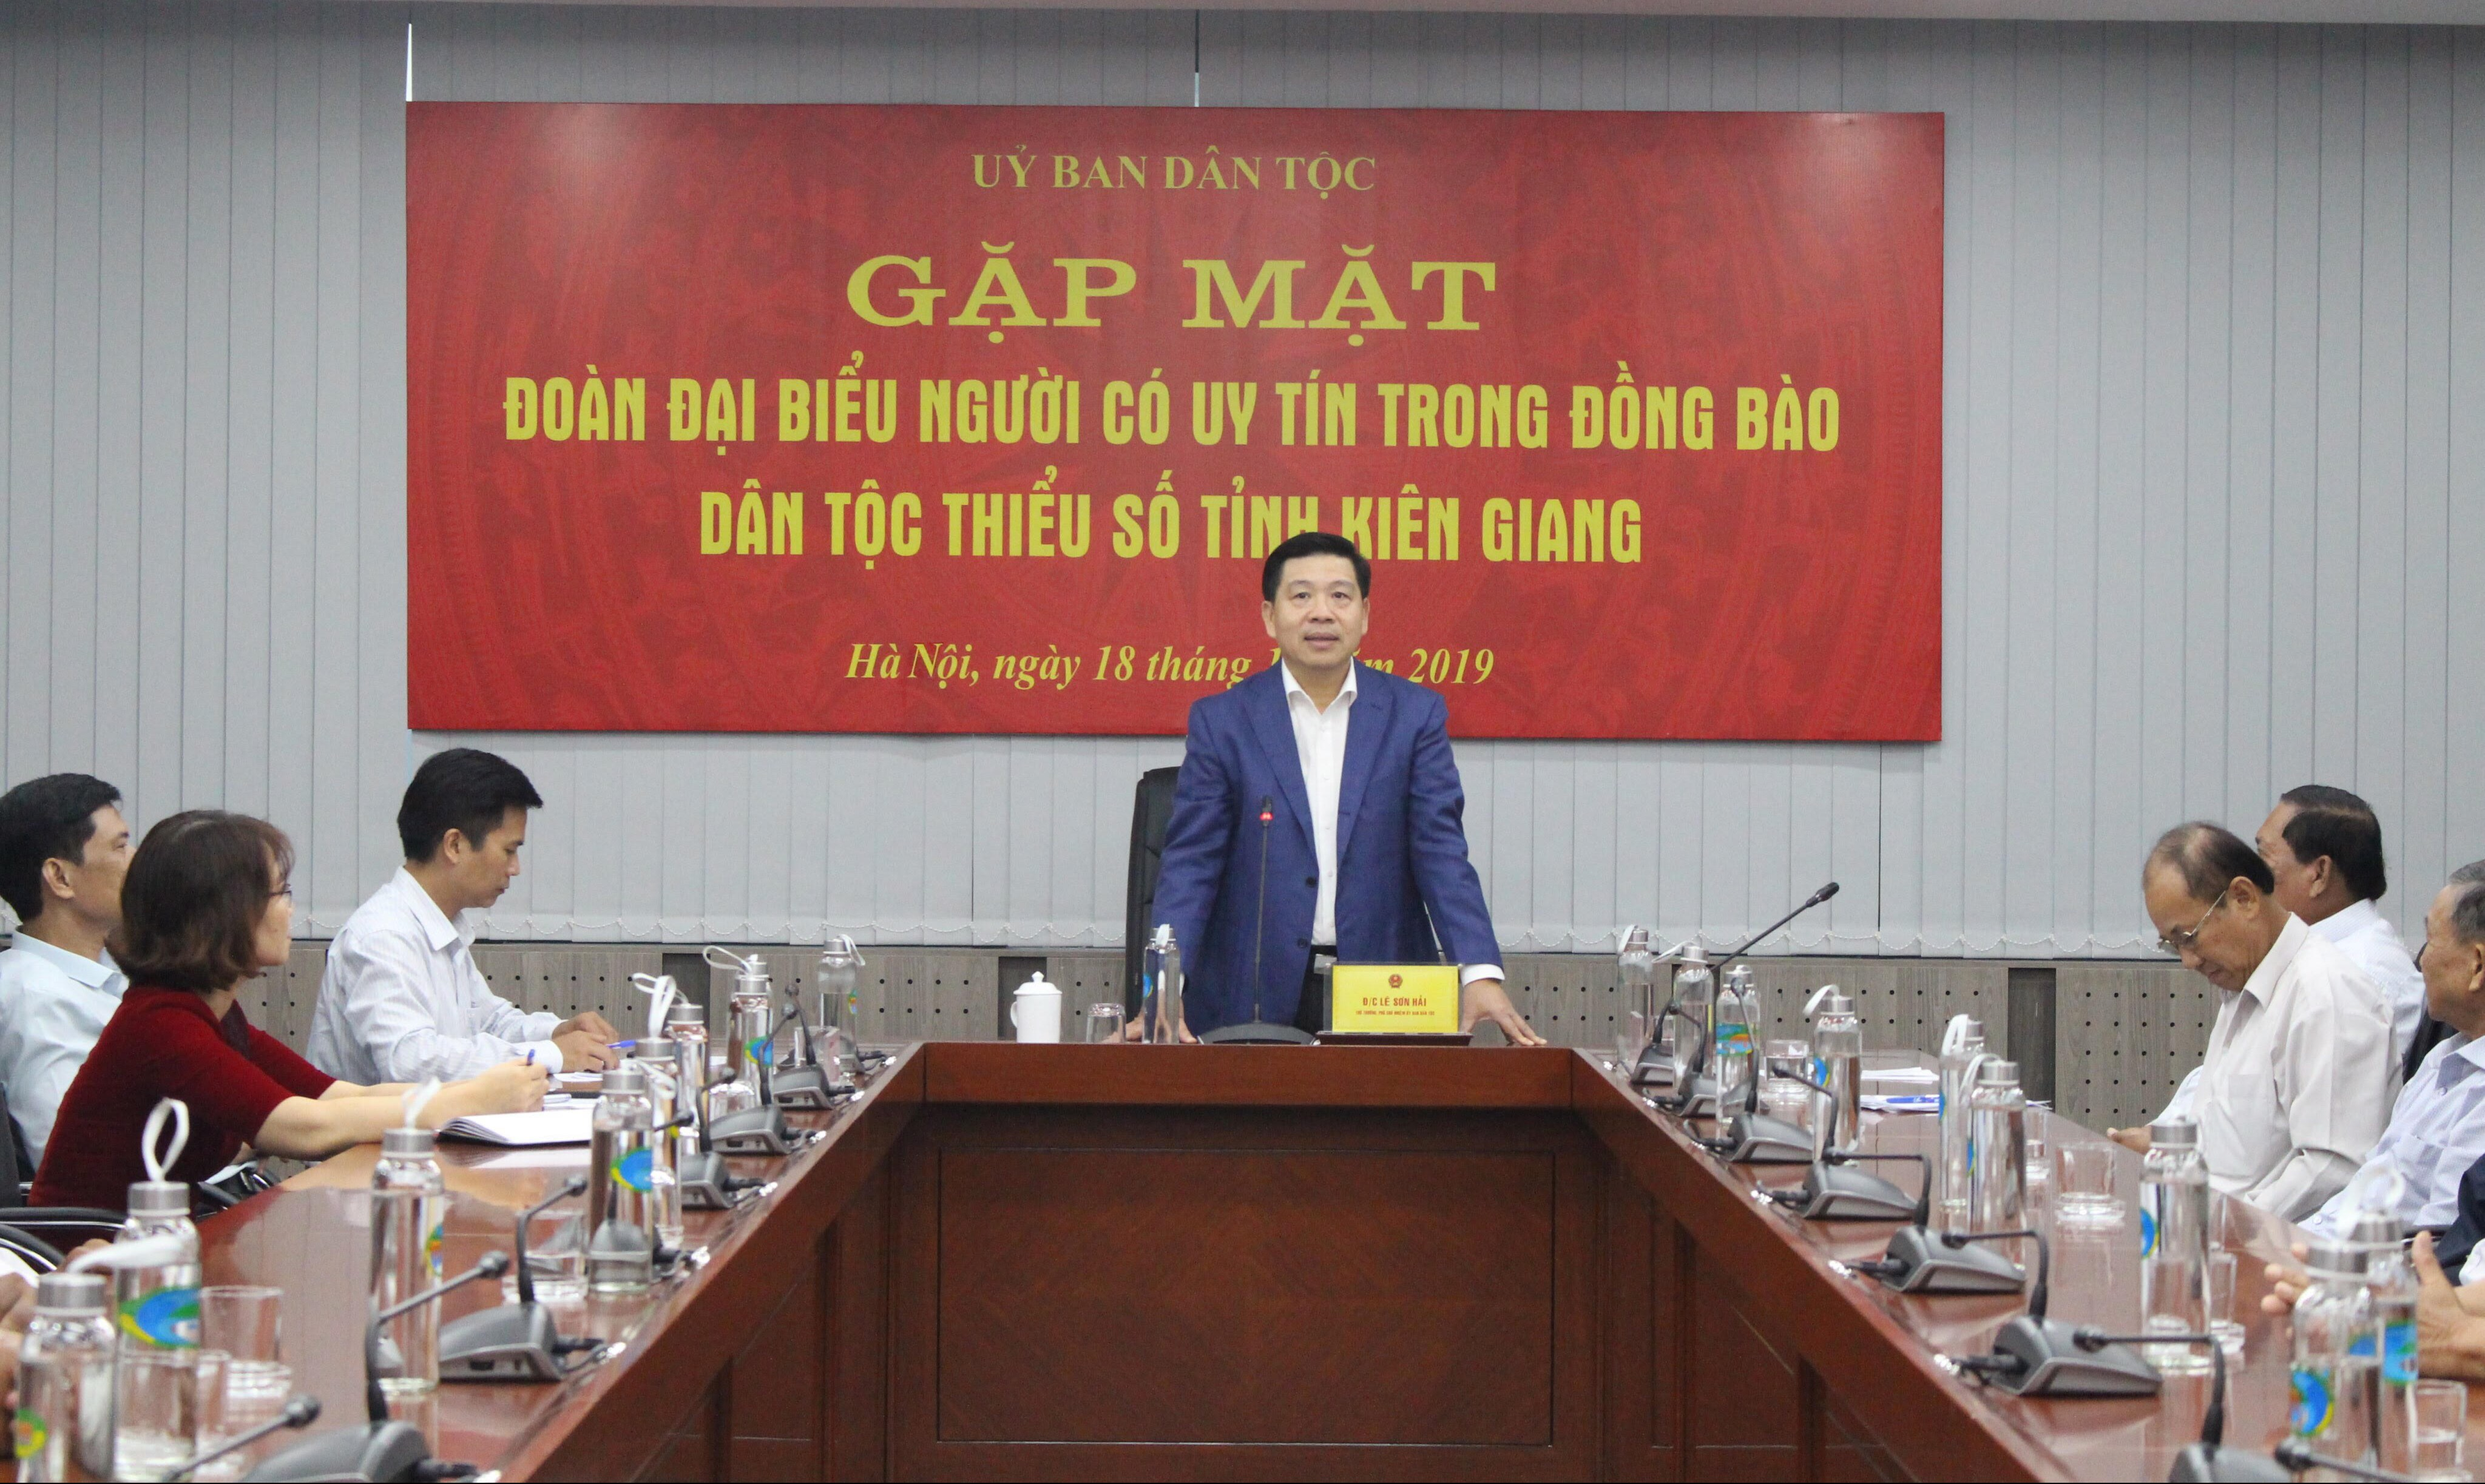 Thứ trưởng, Phó Chủ nhiệm UBDT Lê Sơn Hải chủ trì buổi gặp mặt